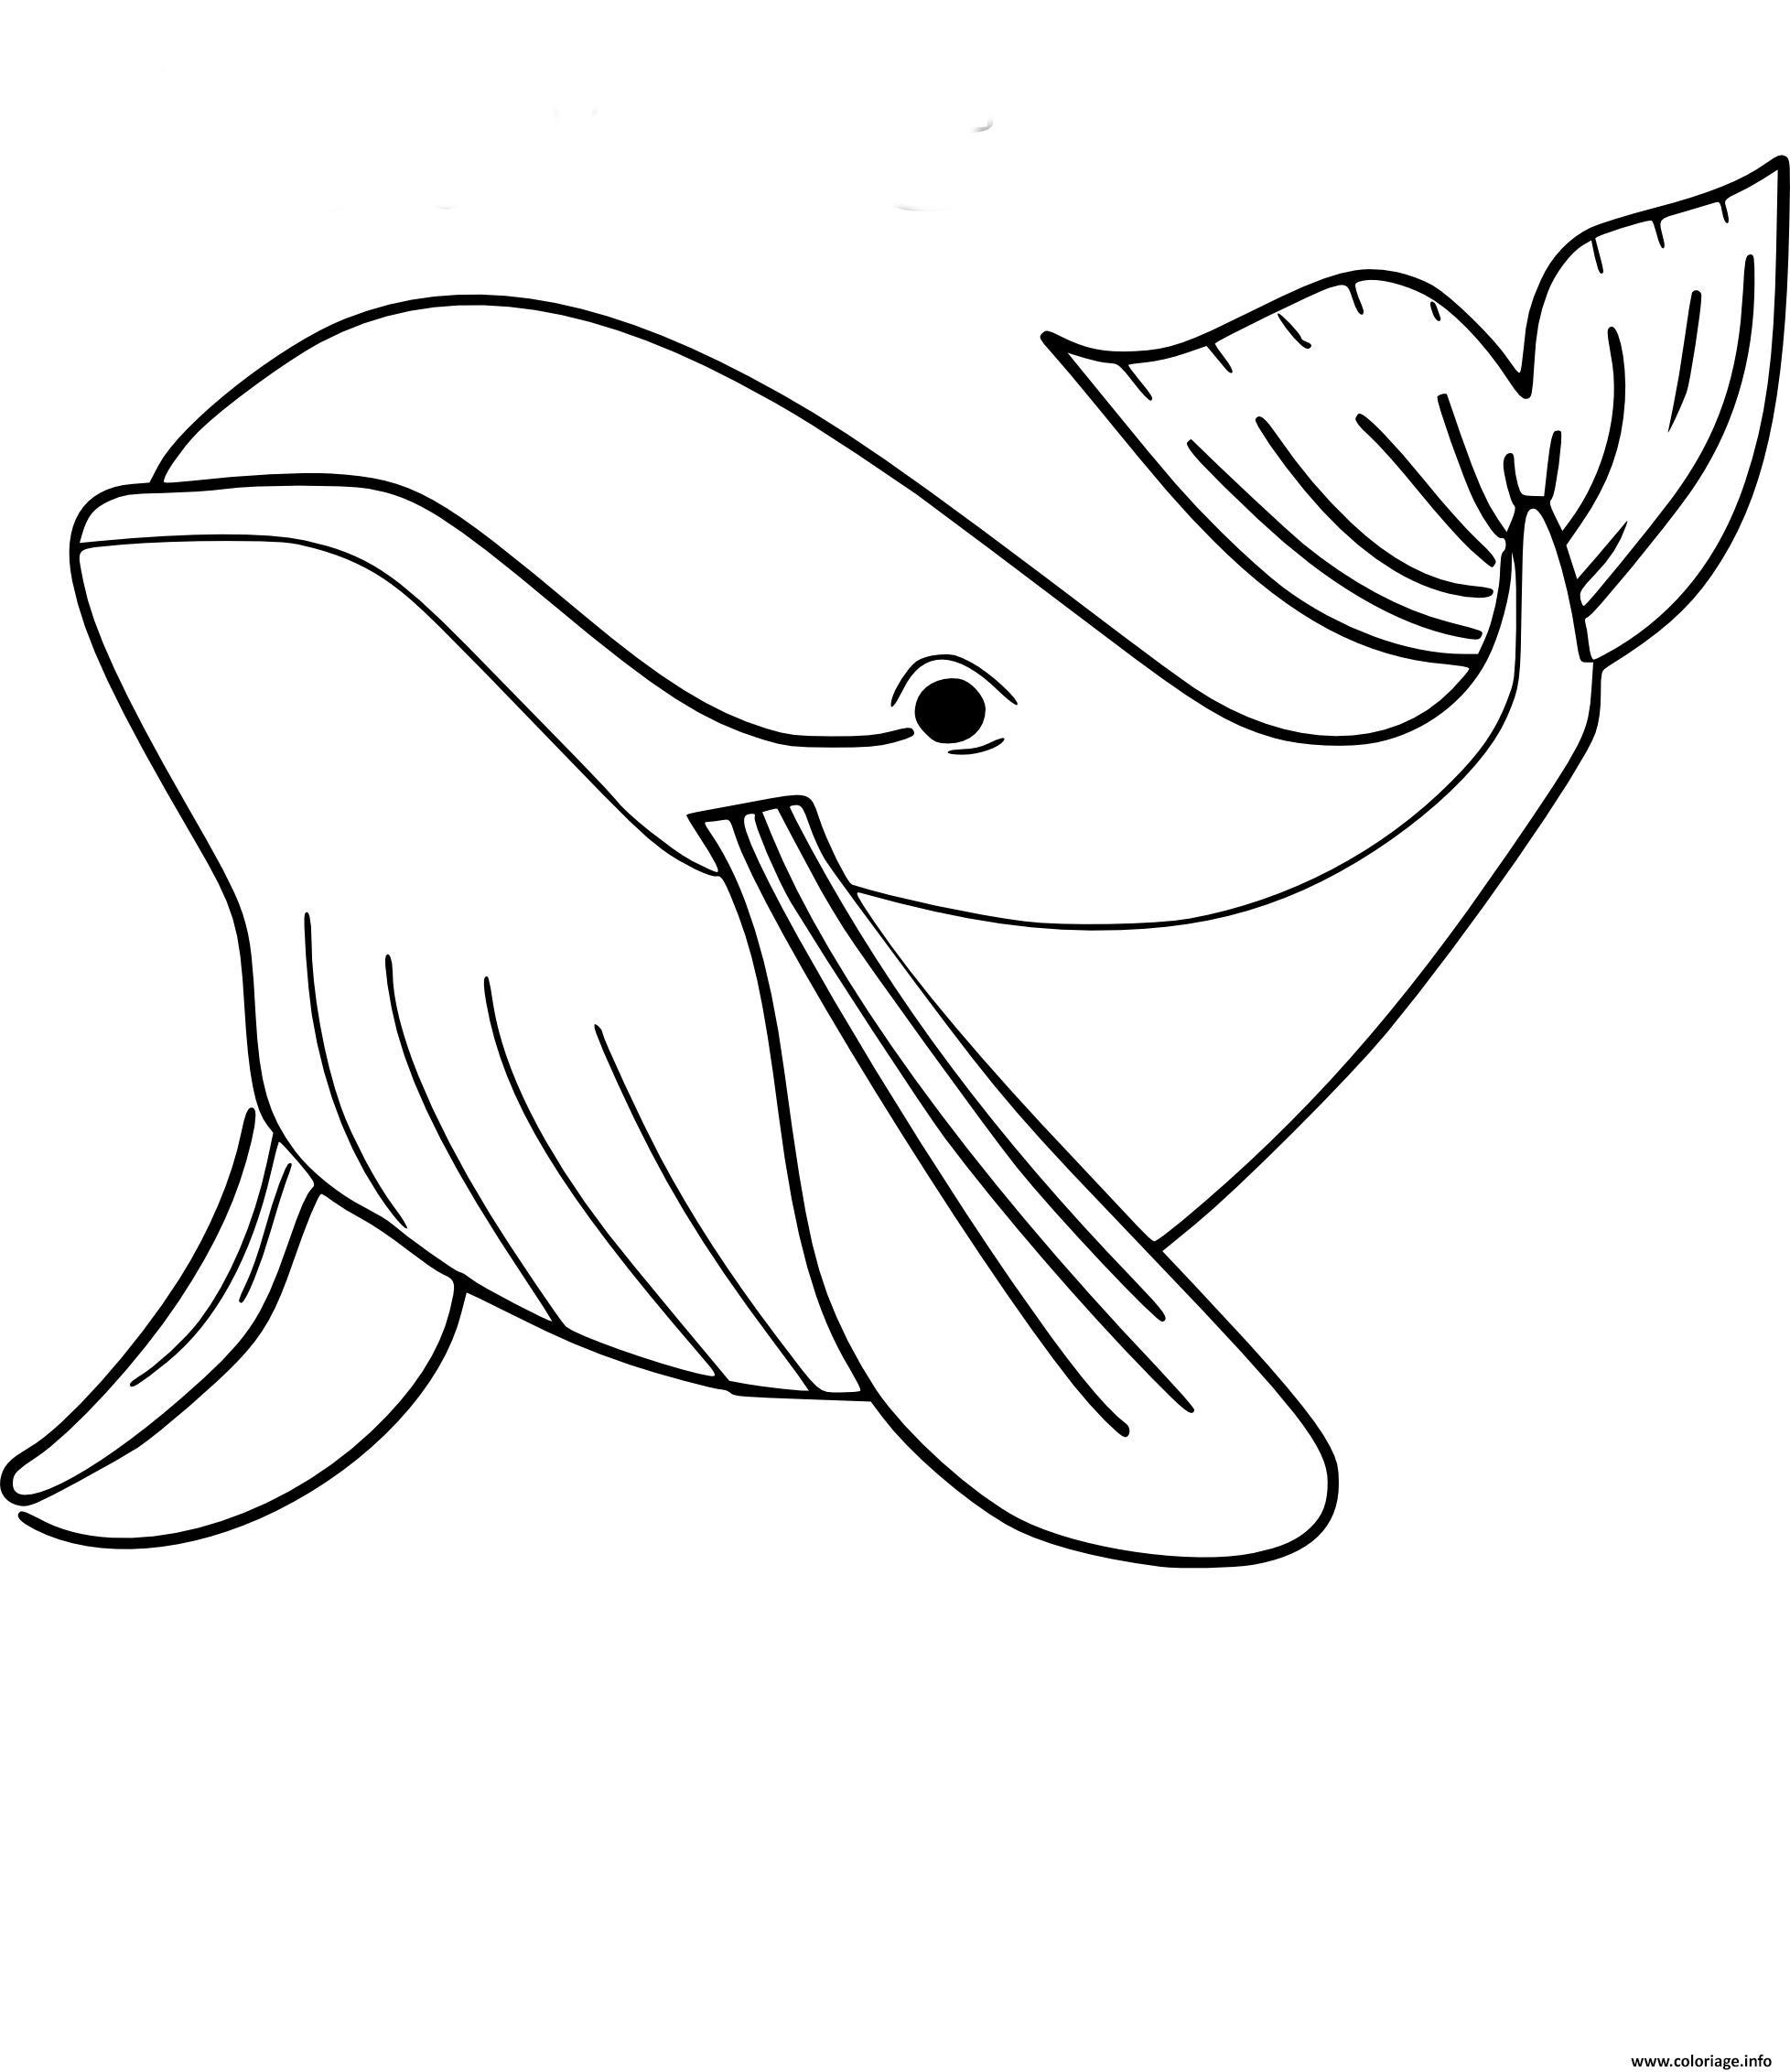 Coloriage Baleine En Ligne.Coloriage Baleine Gratuit Dessin